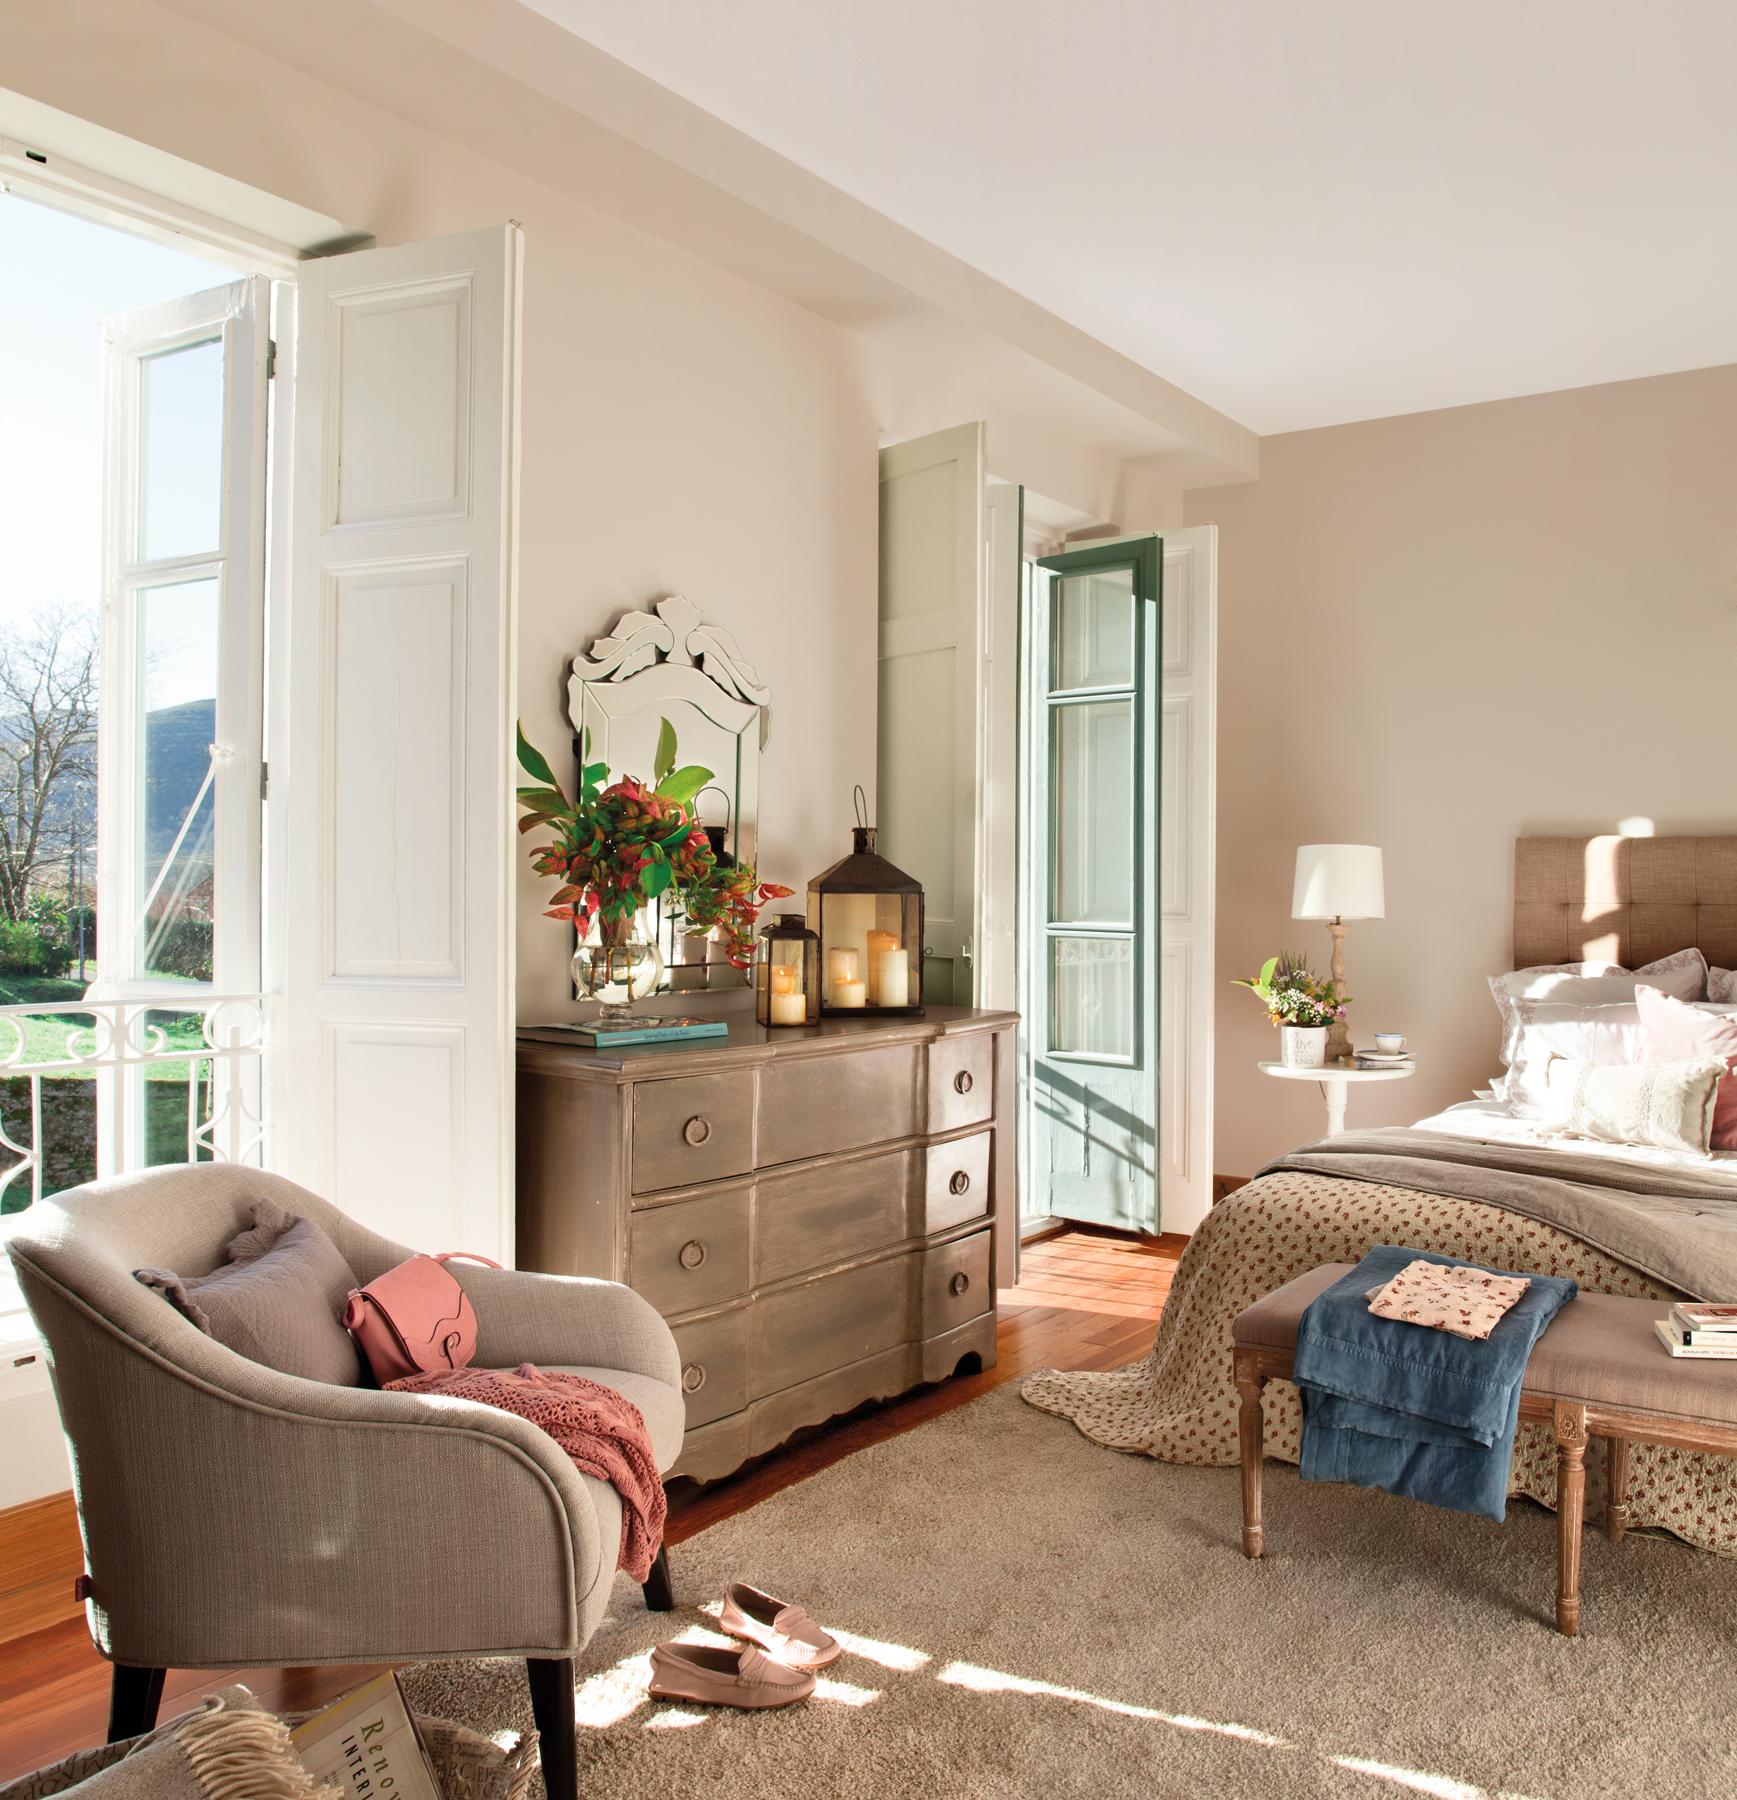 10 razones para poner una c moda en tu casa for Donde colocar espejos en el dormitorio